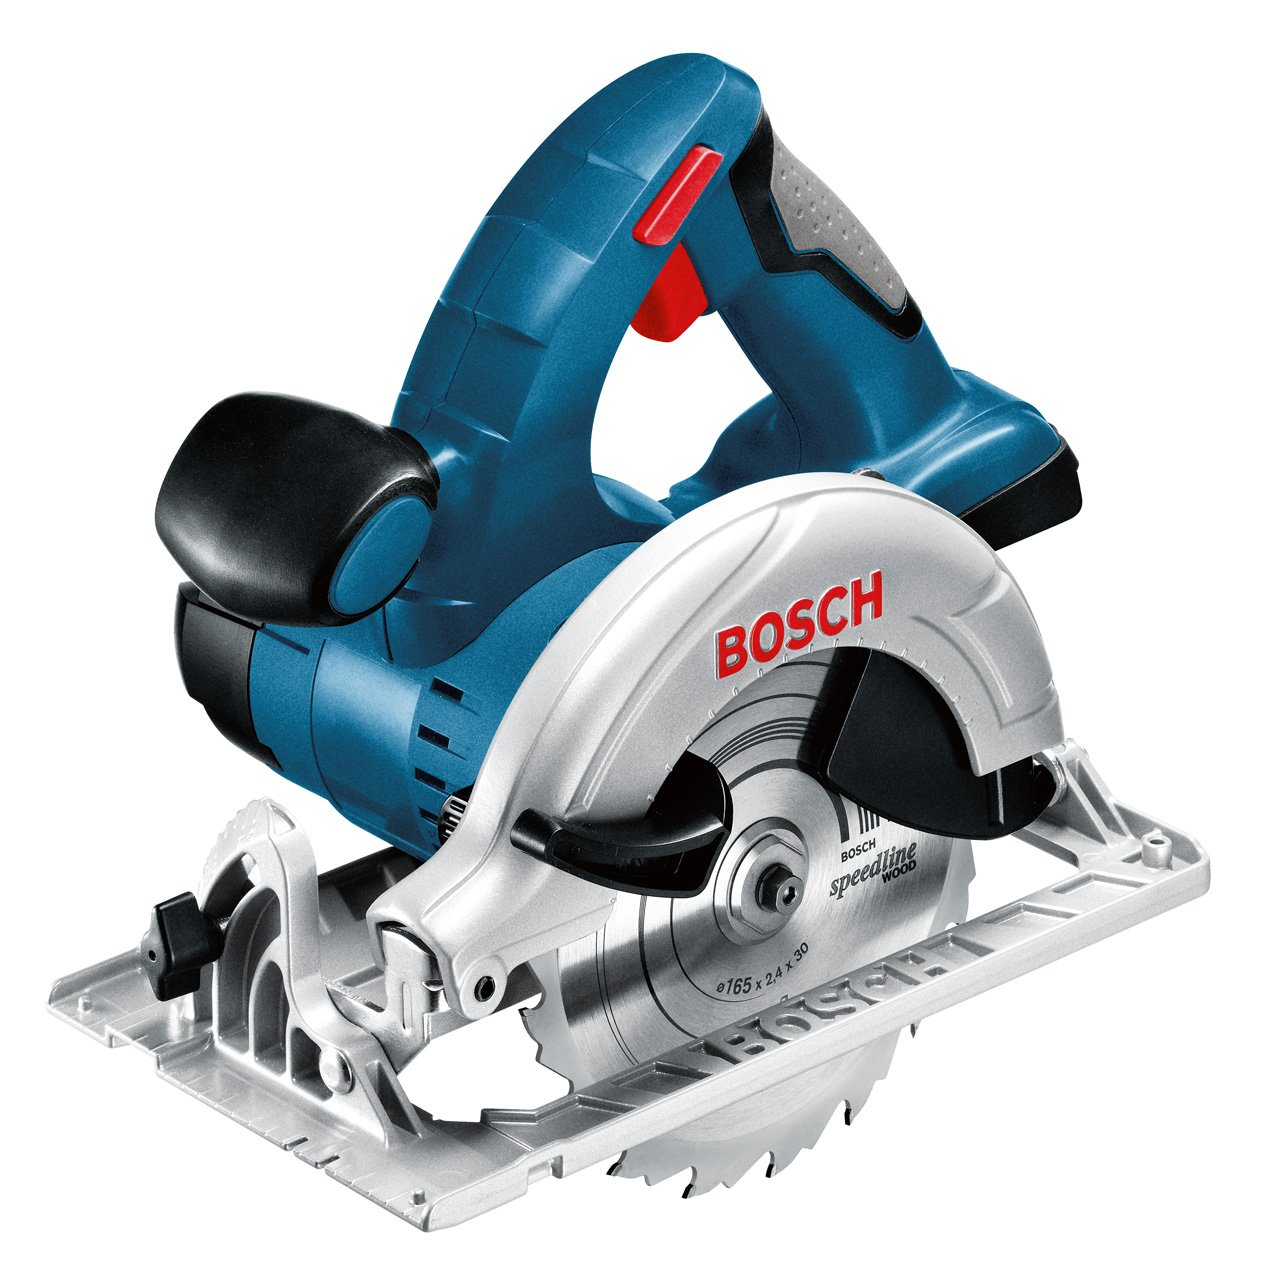 Bosch Blau Professional GKS 18 V Akkukreissäge, 0.601.66H.006  BaumarktÜberprüfung und Beschreibung